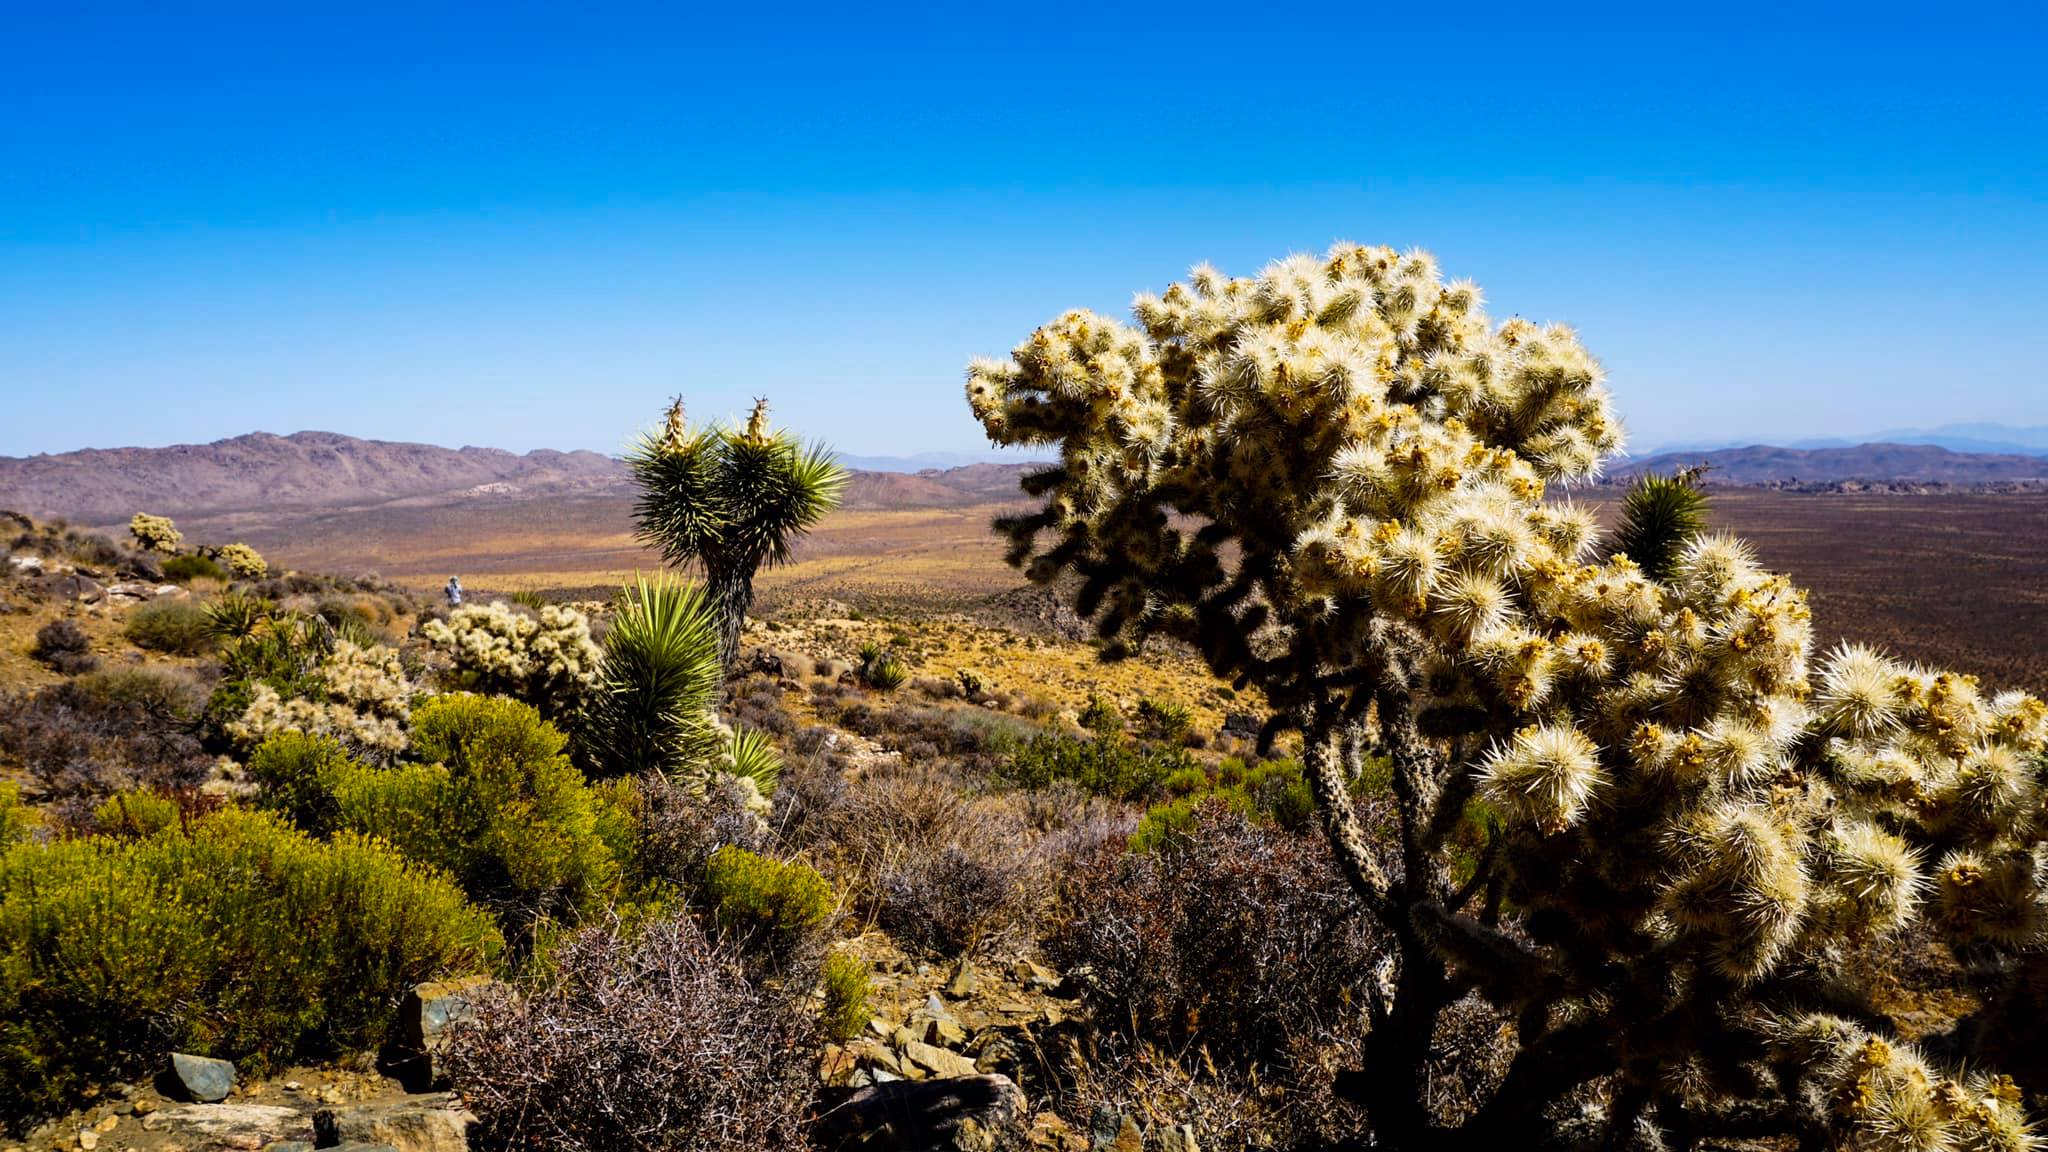 Spojené štáty americké: výhľad z Ryan Mountain Trail v parku Joshua Tree